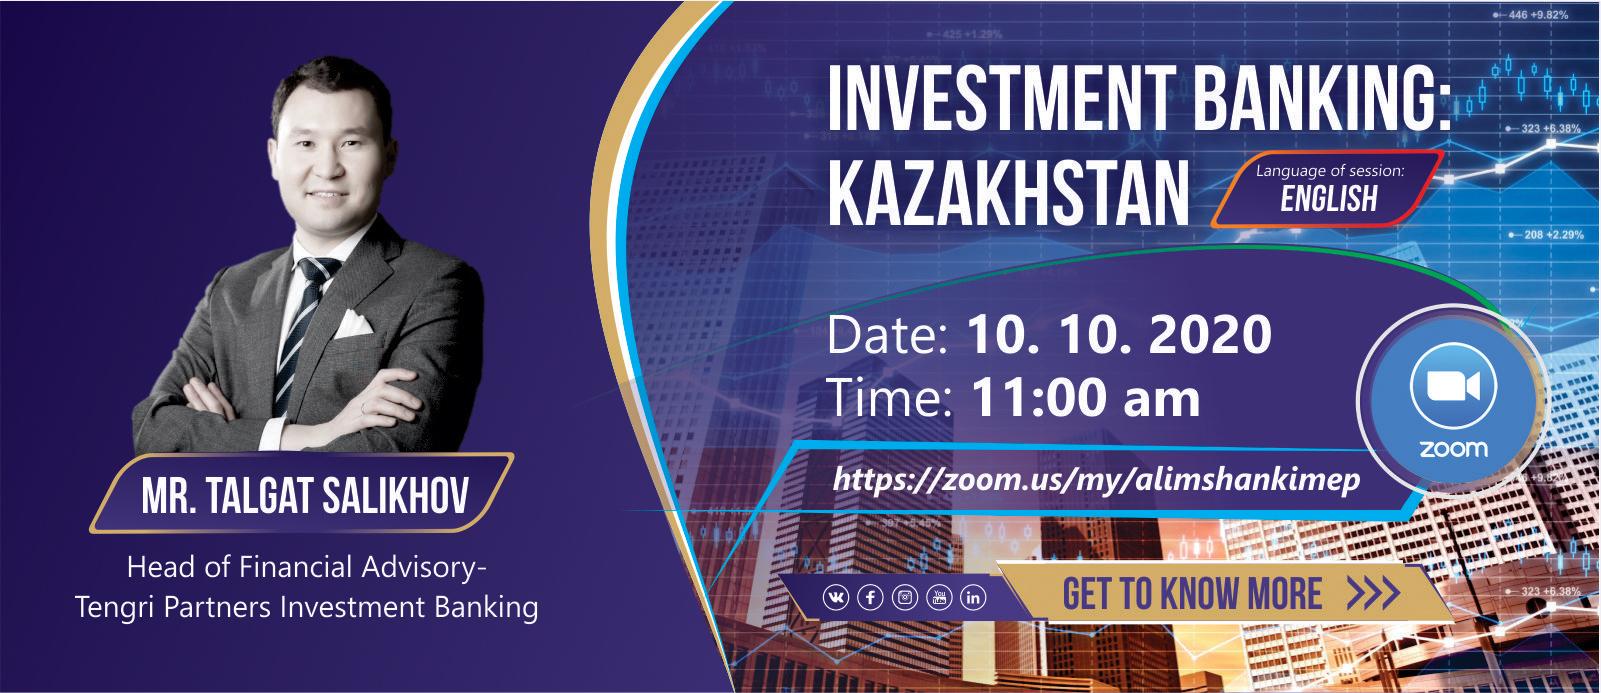 Investment Banking Slider Option 1